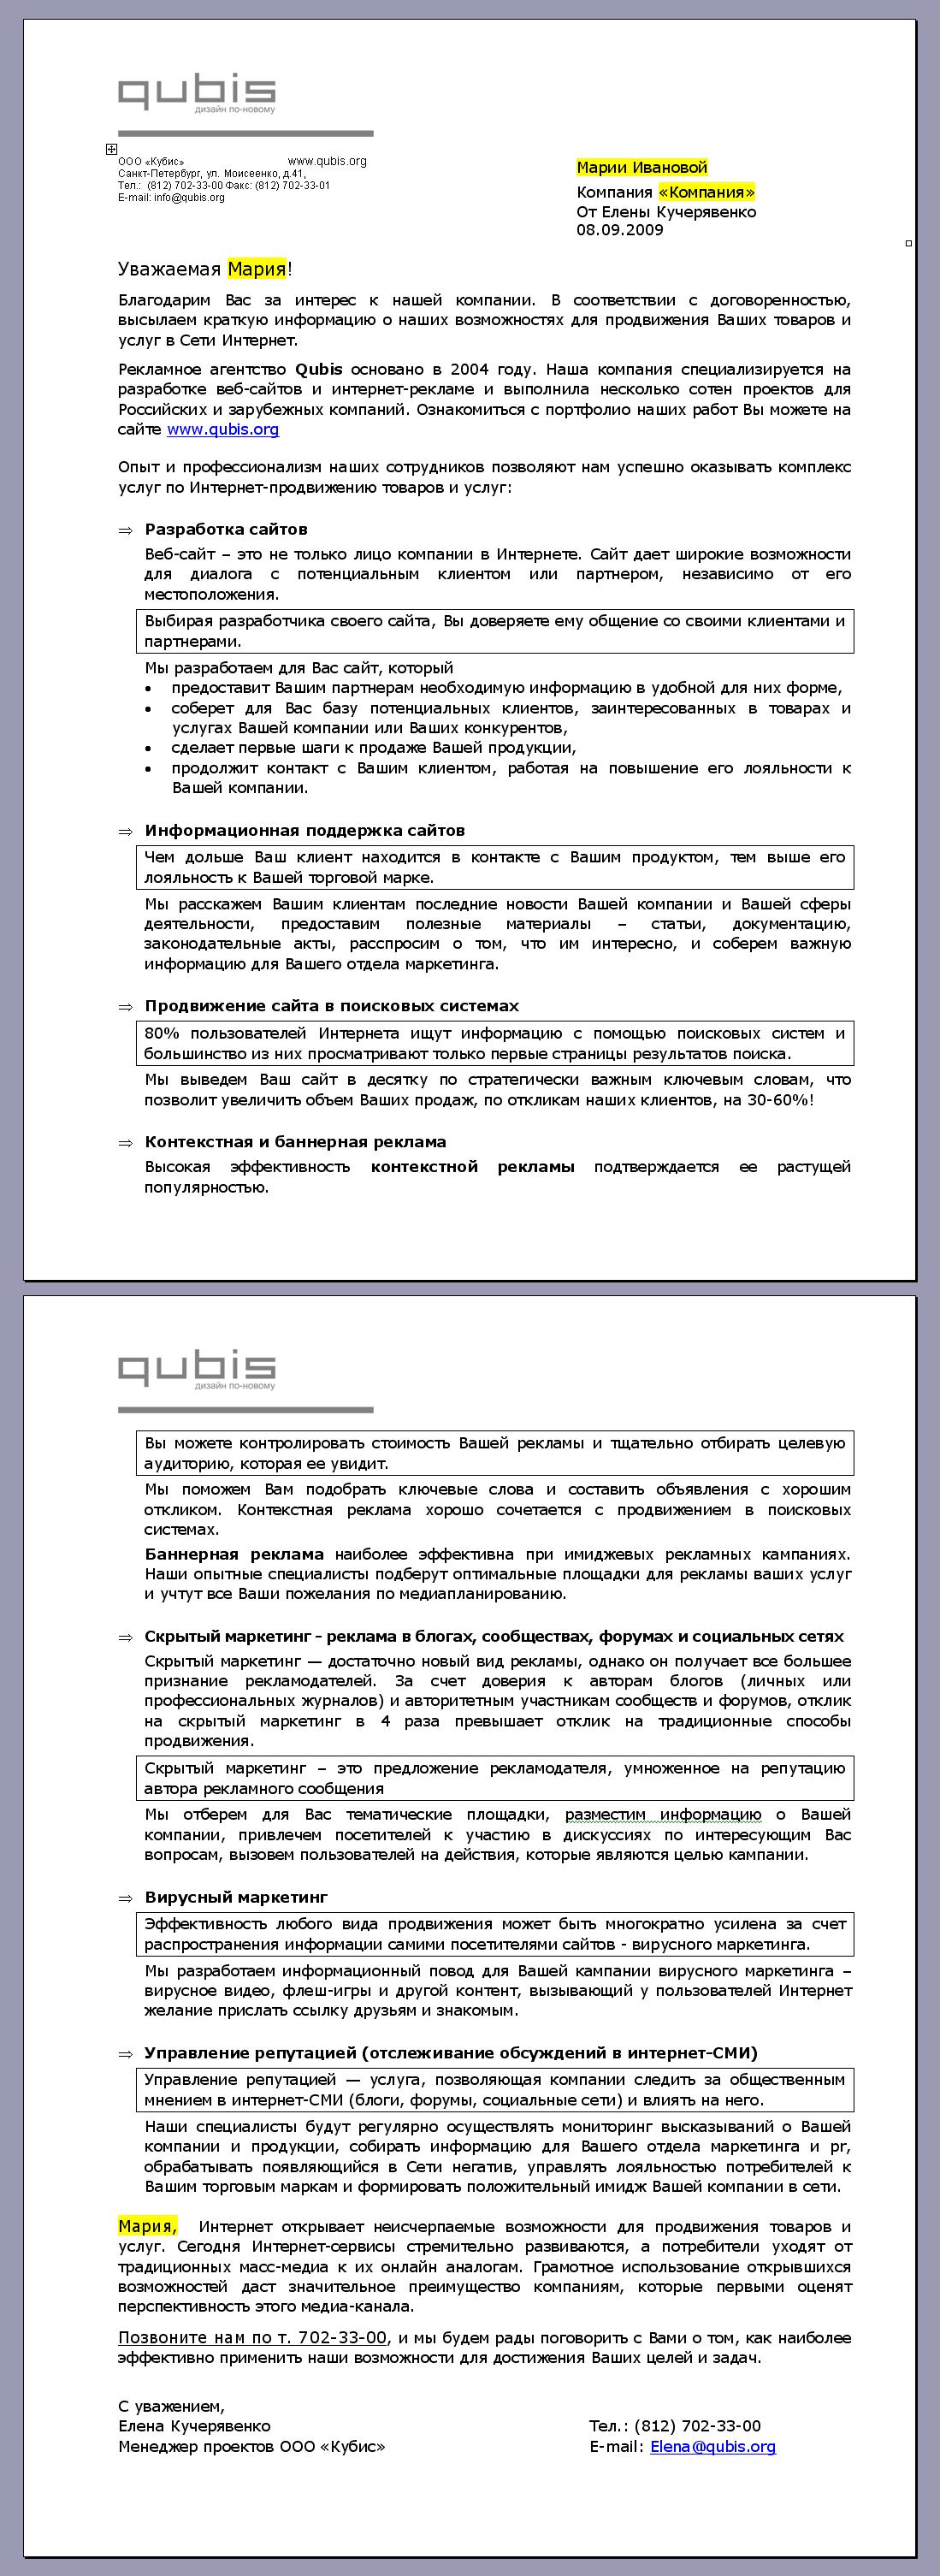 Коммерческое предложение Qubis